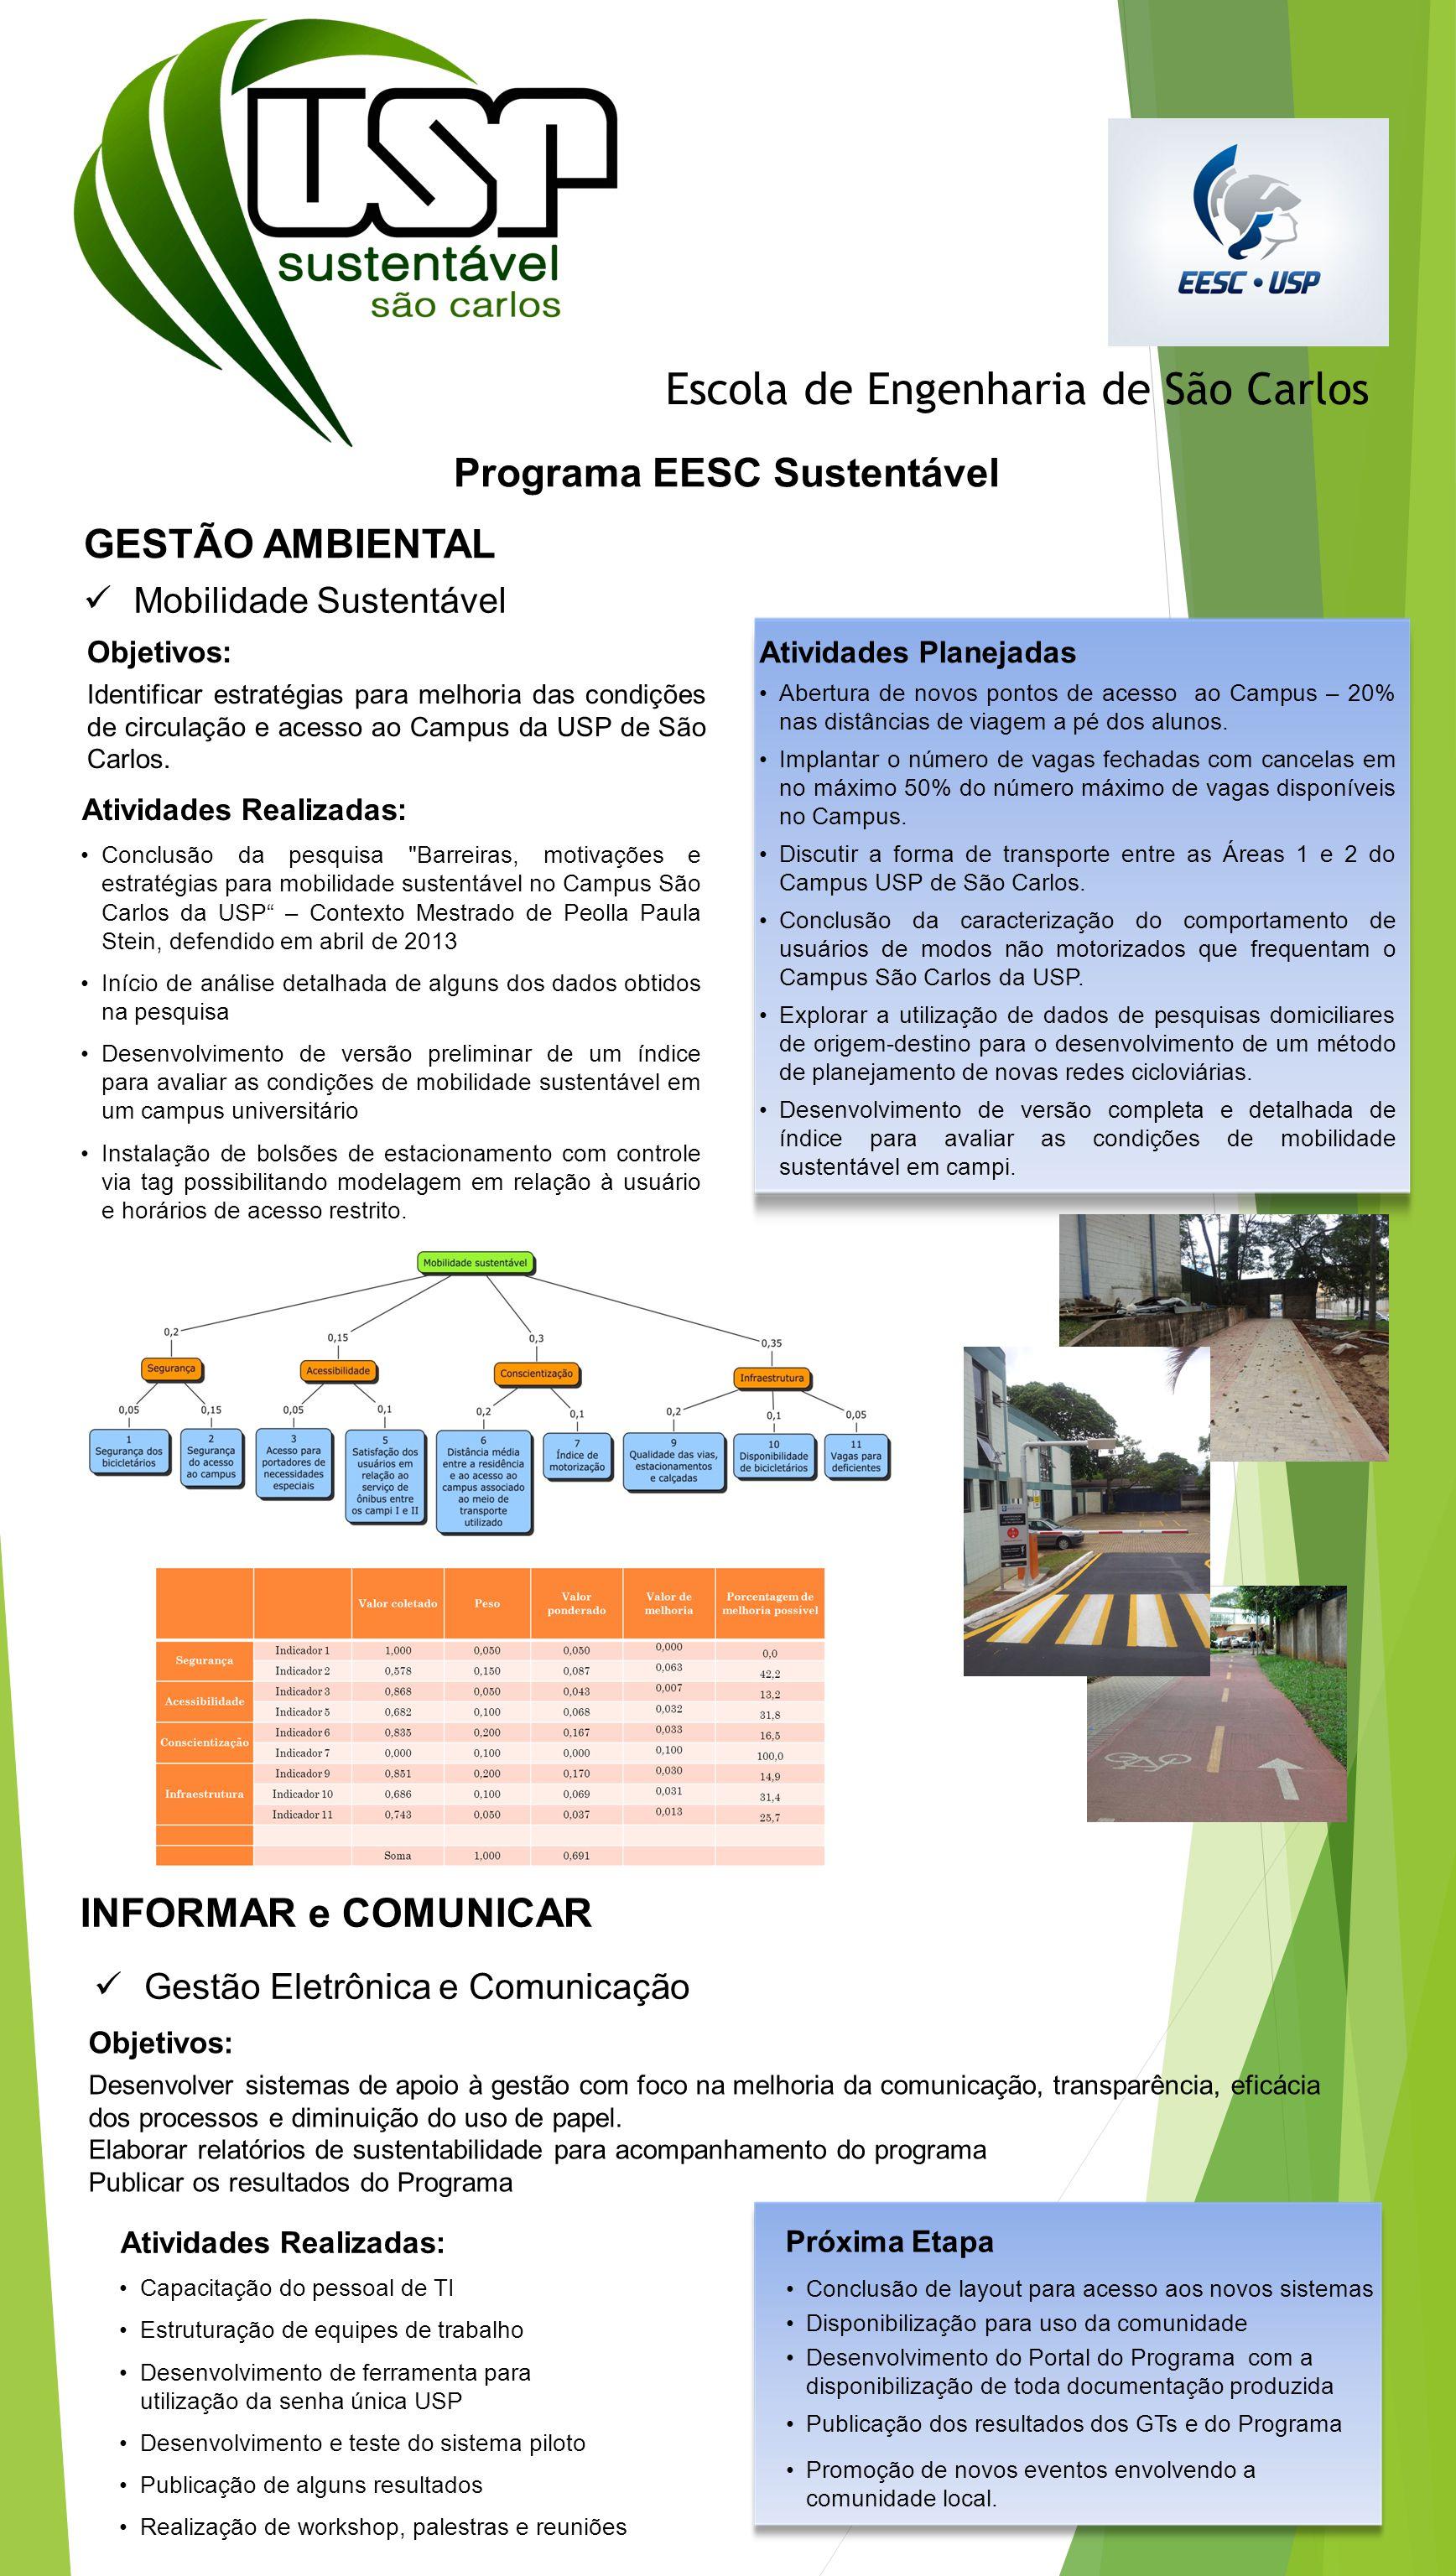 Escola de Engenharia de São Carlos Programa EESC Sustentável Mobilidade Sustentável GESTÃO AMBIENTAL Objetivos: Desenvolver sistemas de apoio à gestão